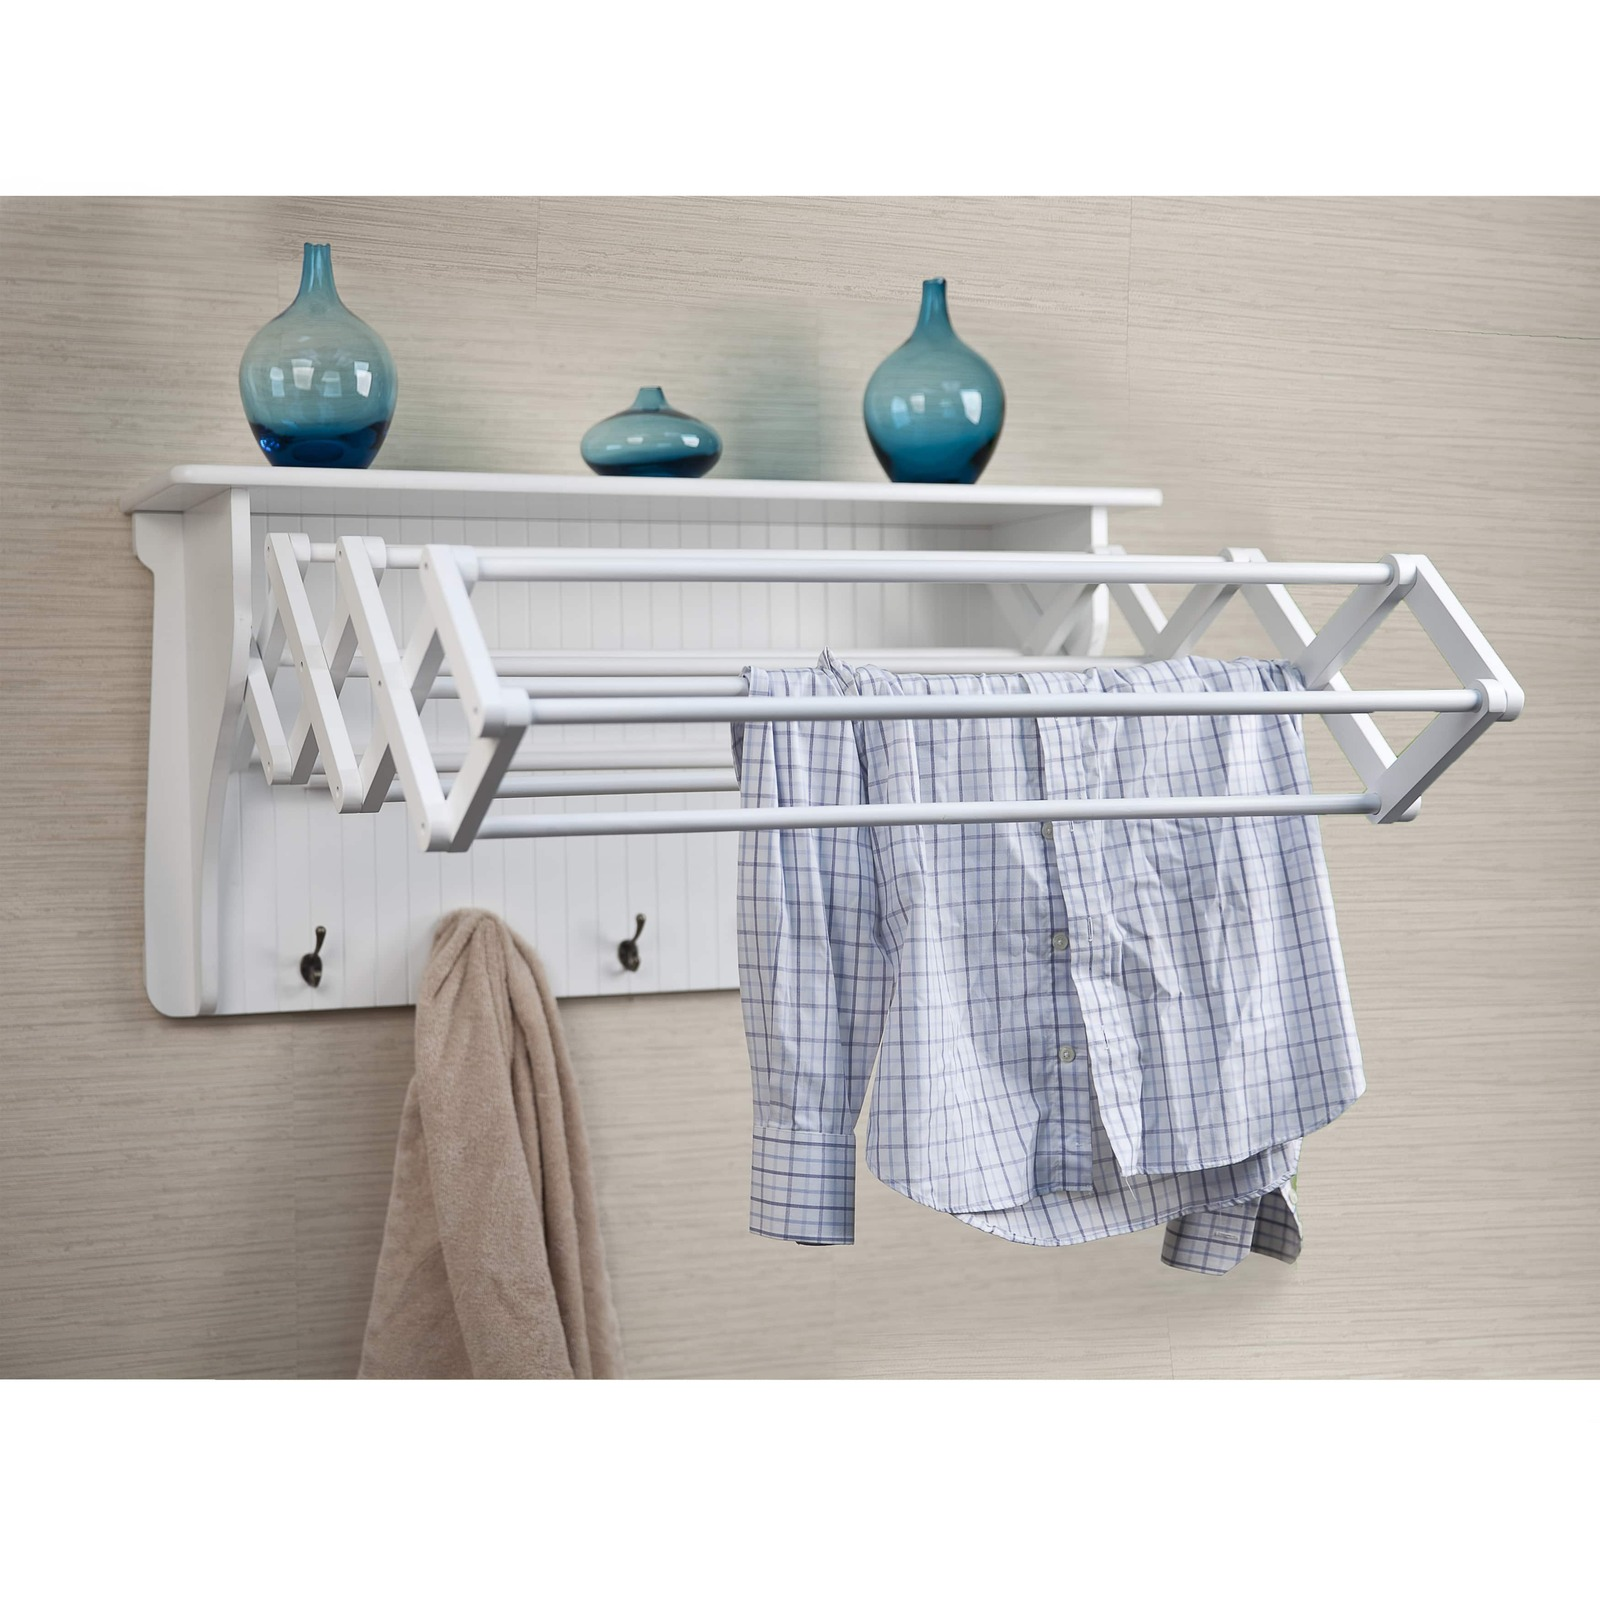 Accordion drying rack ad6d2c00 bbac 42a4 9a6e 557f5929f9a6